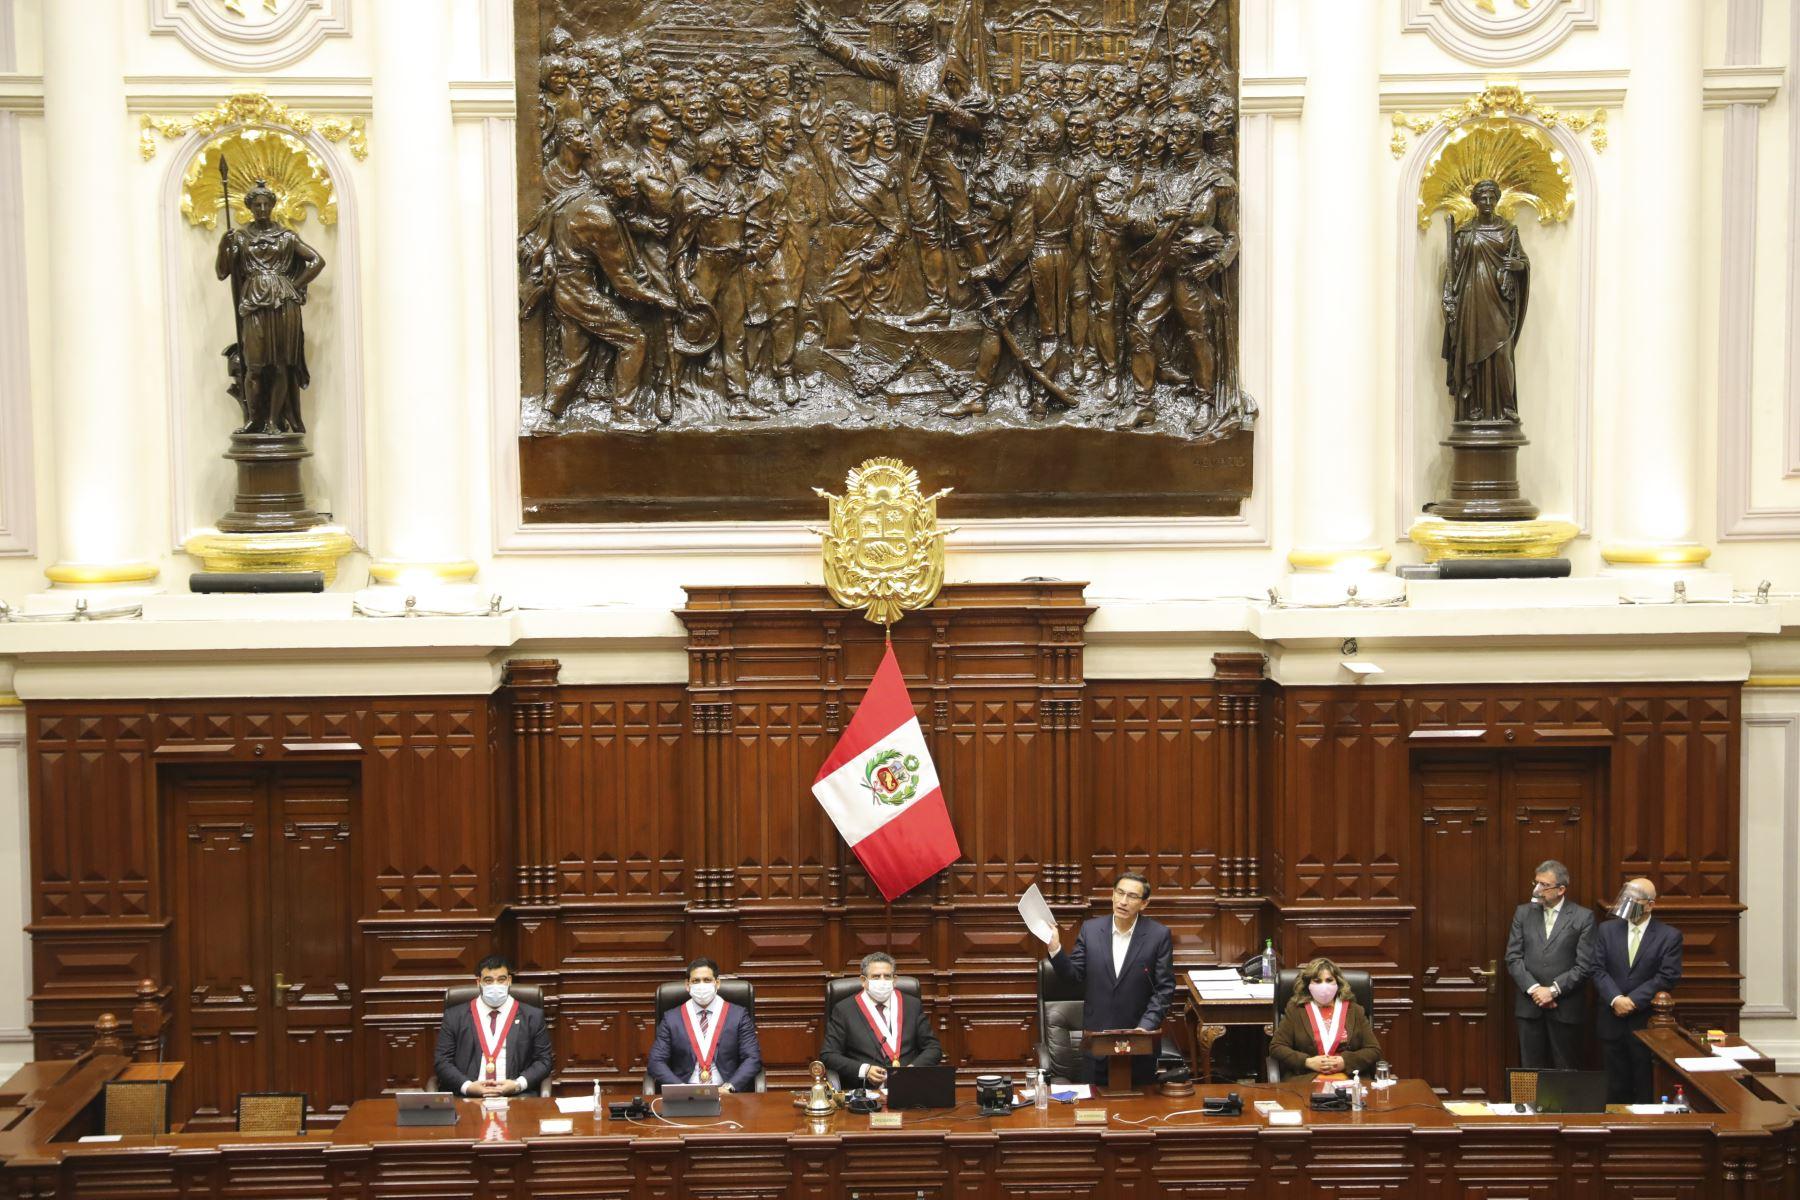 Presidente Vizcarra participa de sesión plenaria por moción de vacancia. Foto: ANDINA/ Prensa Presidencia